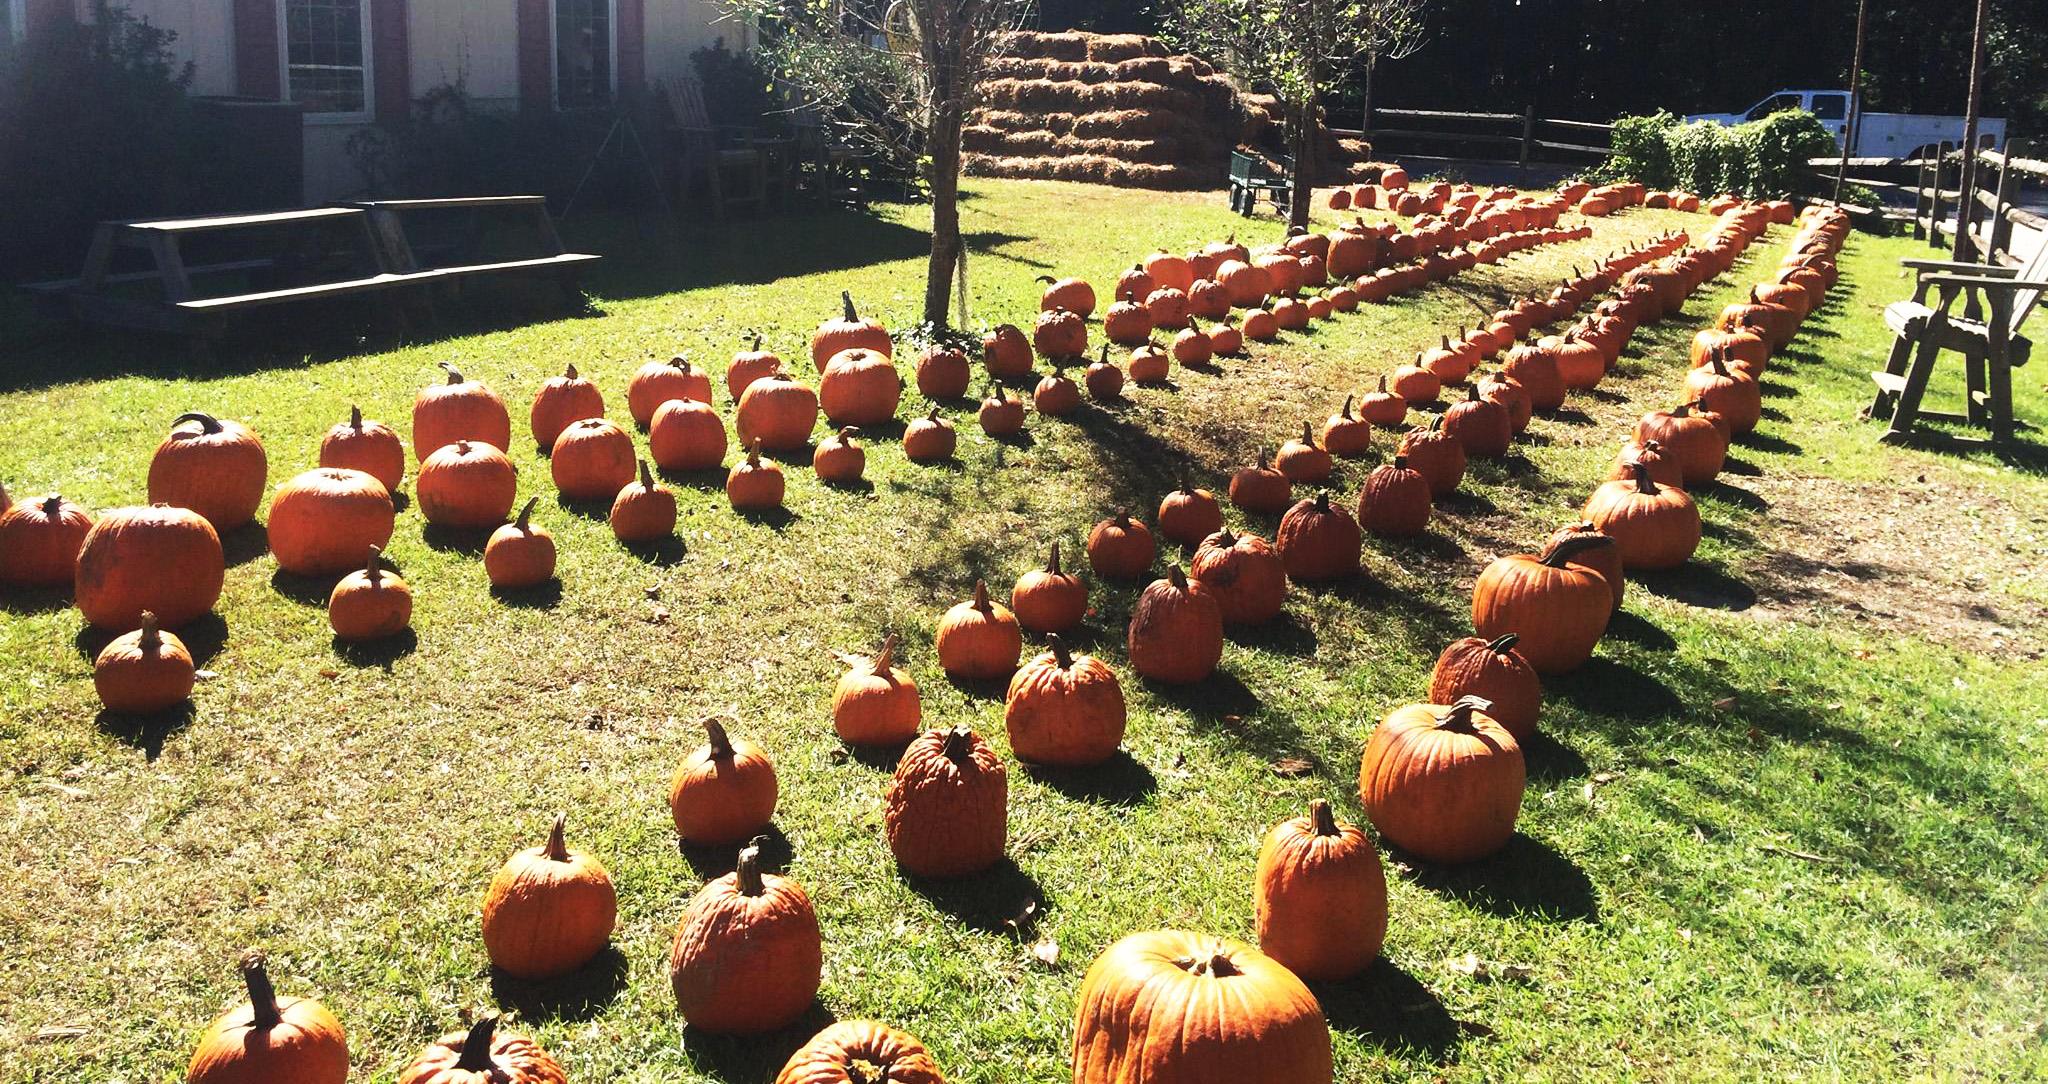 cahills market pumpkin patch